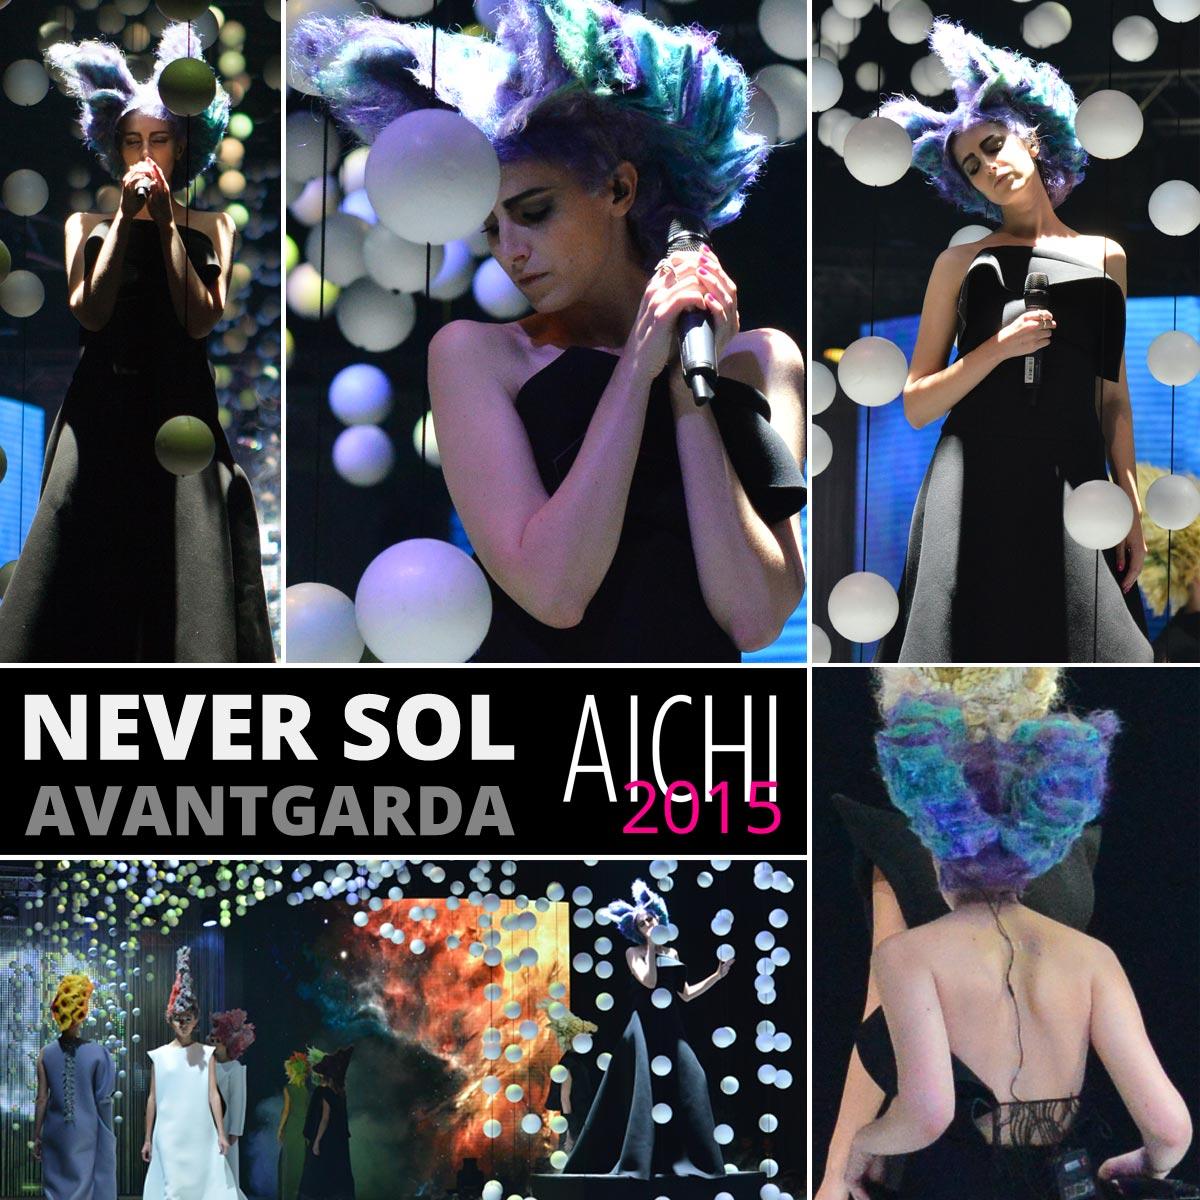 Součástí přehlídky účesové avantgardy bylo vystoupení zpěvačky Never Sol